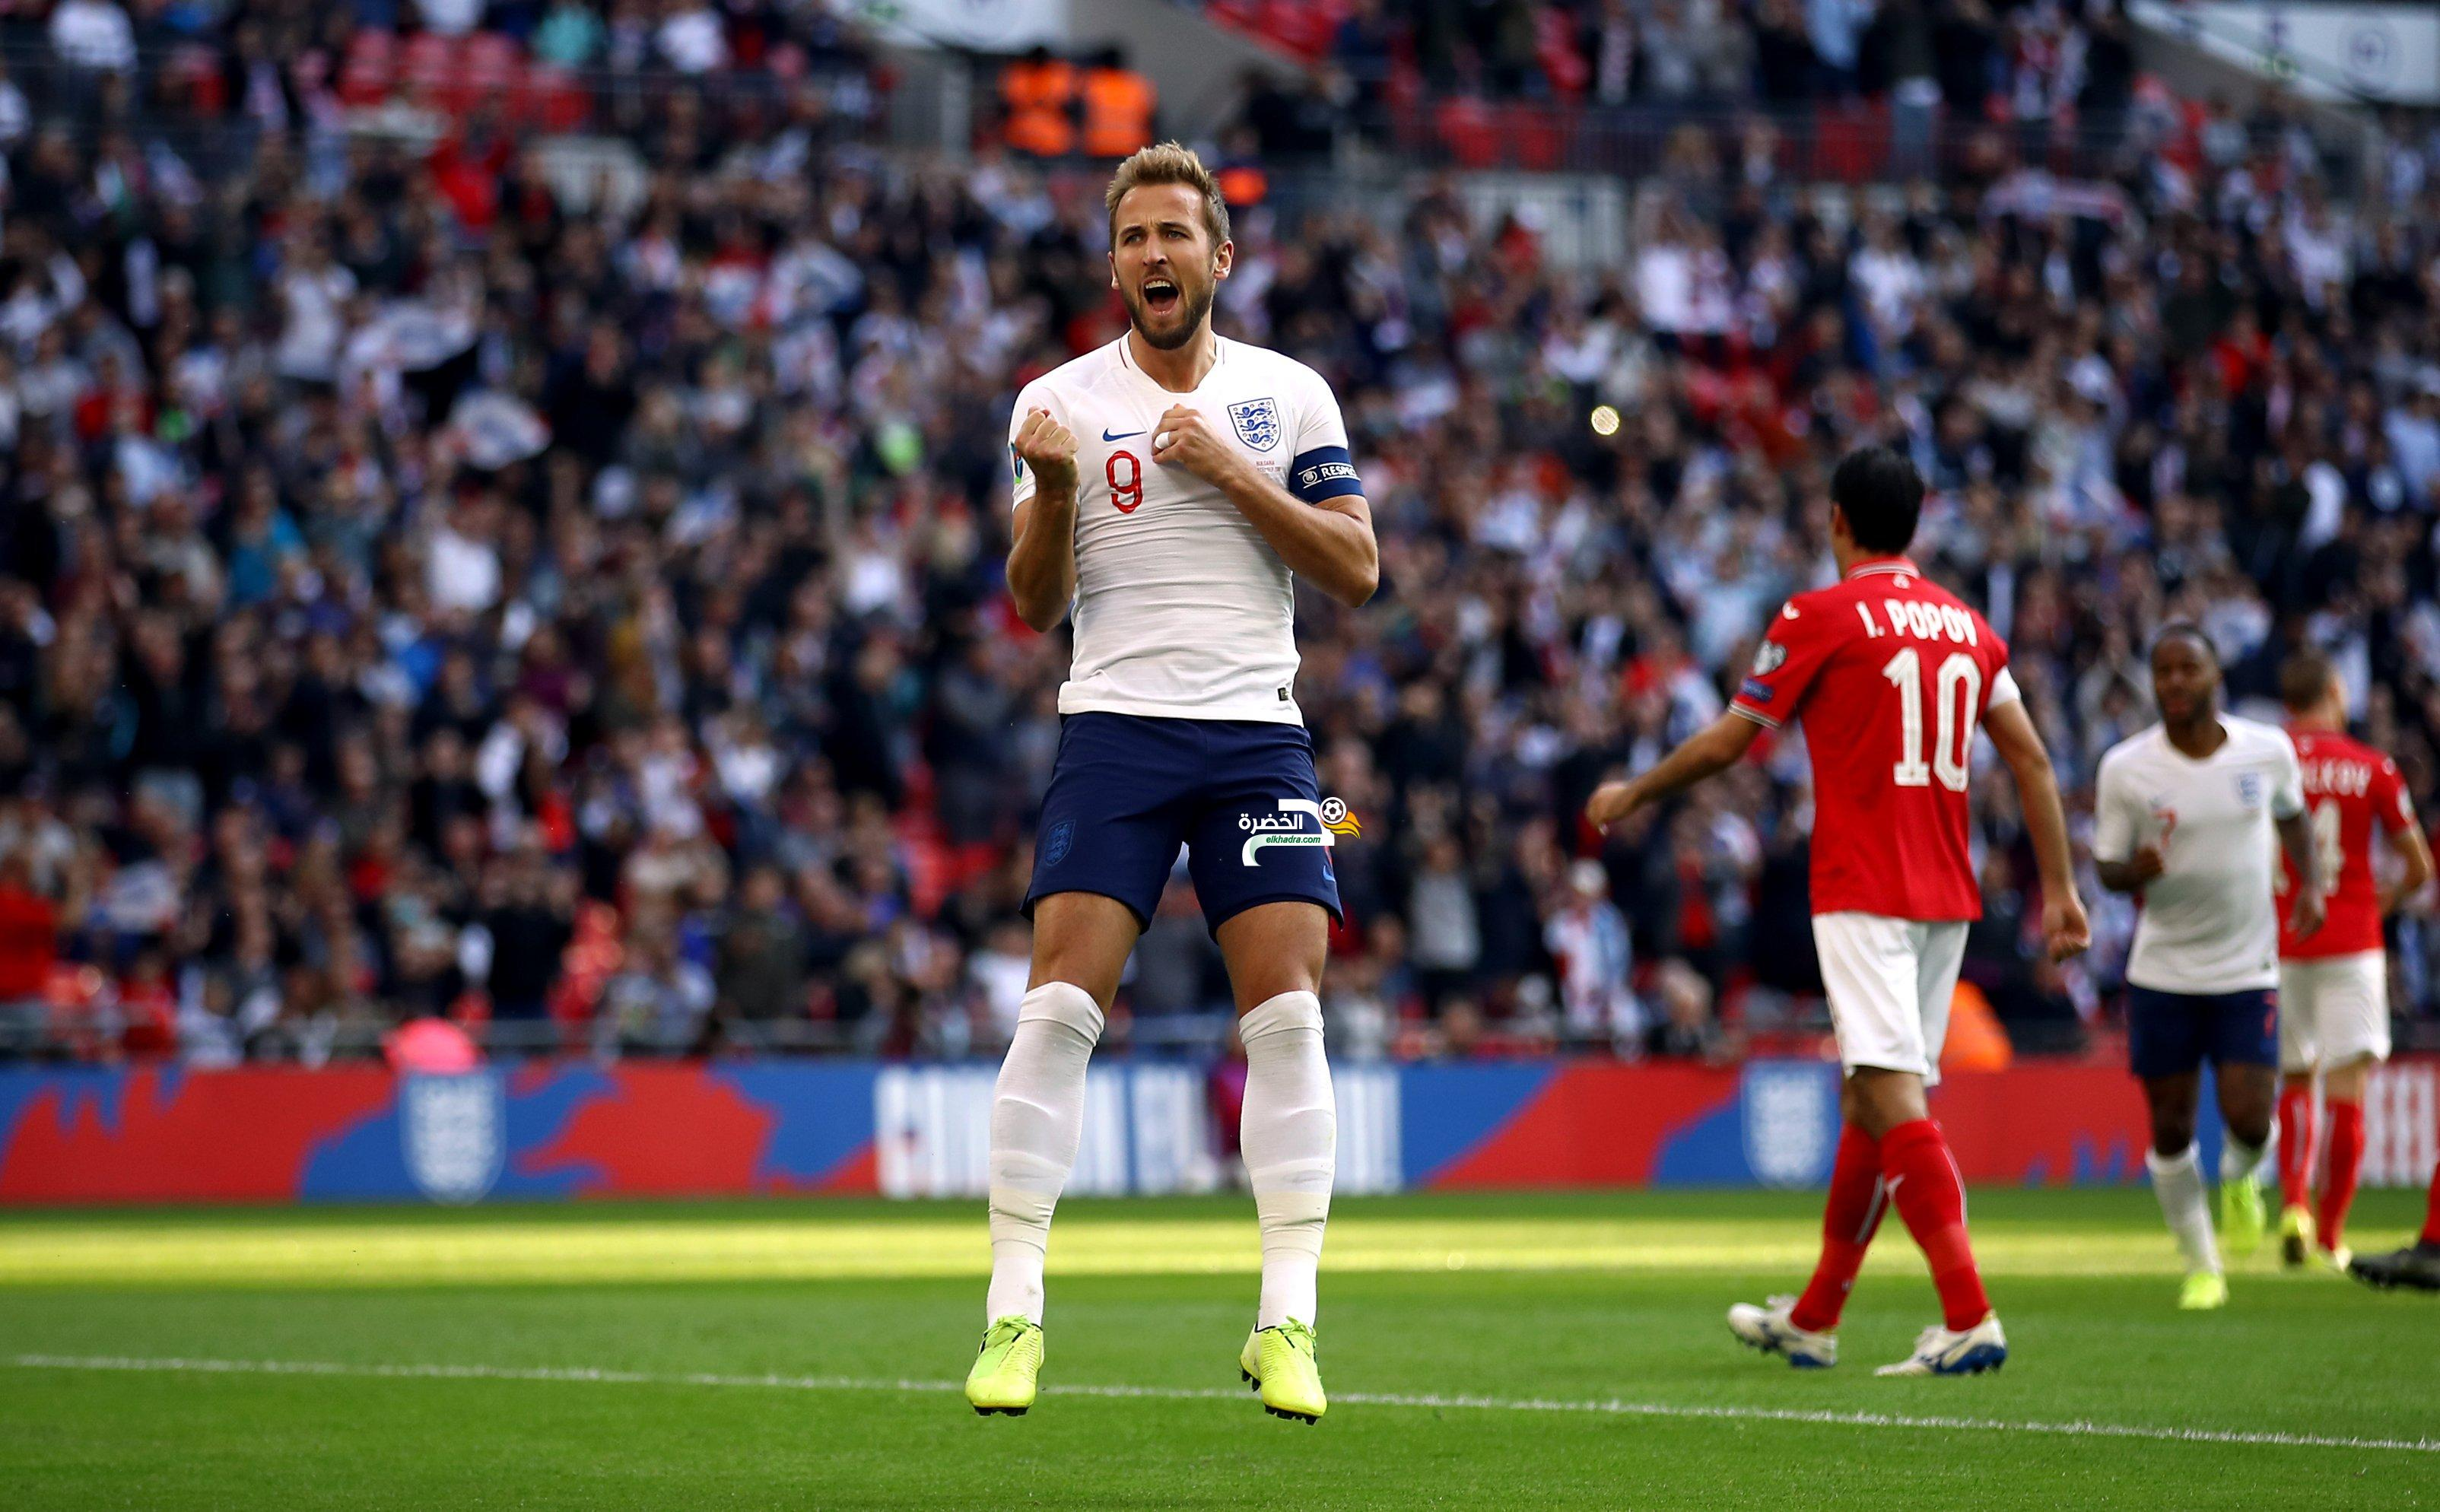 المنتخب الإنجليزي يفوز على بلغاريا برباعية في تصفيات يورو 2020 24